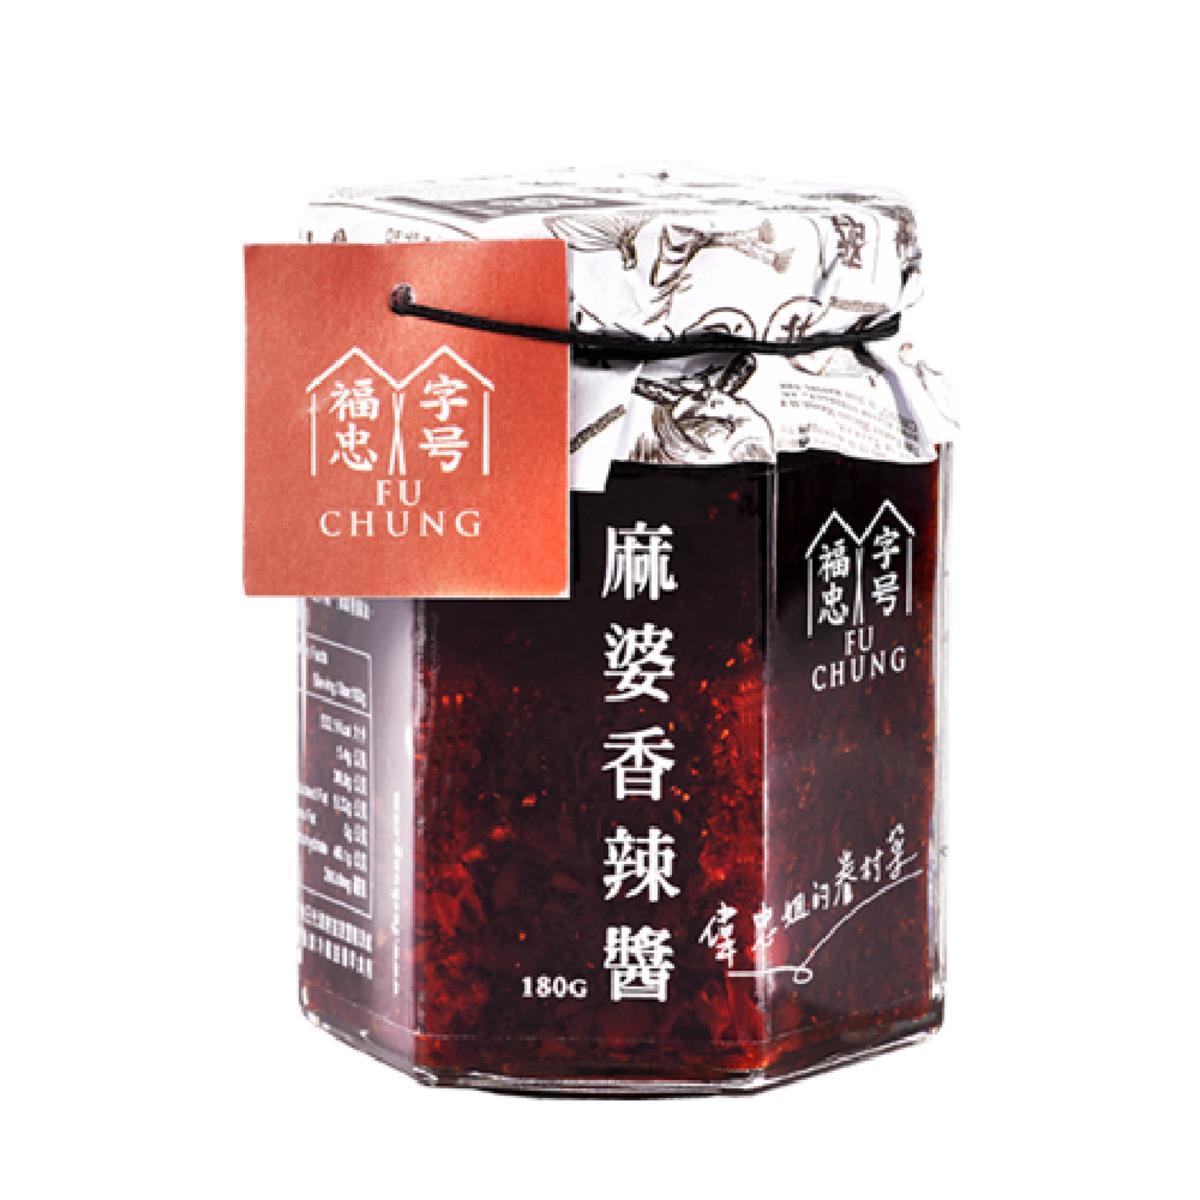 Spicy Chili Sauce